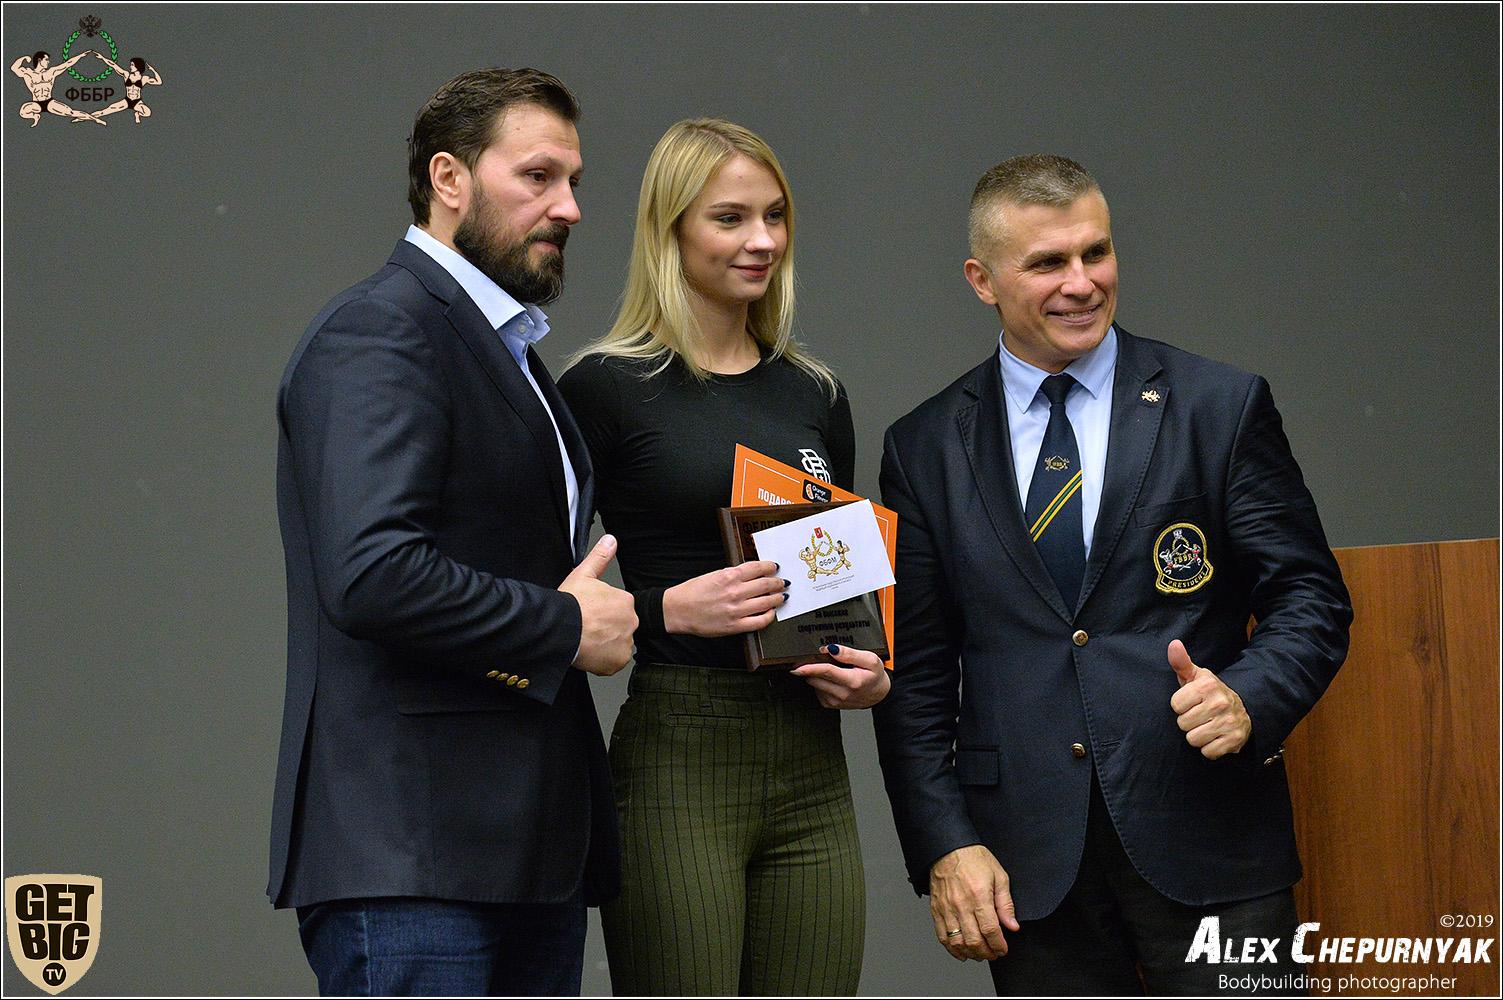 Собрание Федерации Бодибилдинга Москвы 14 декабря 2019 года